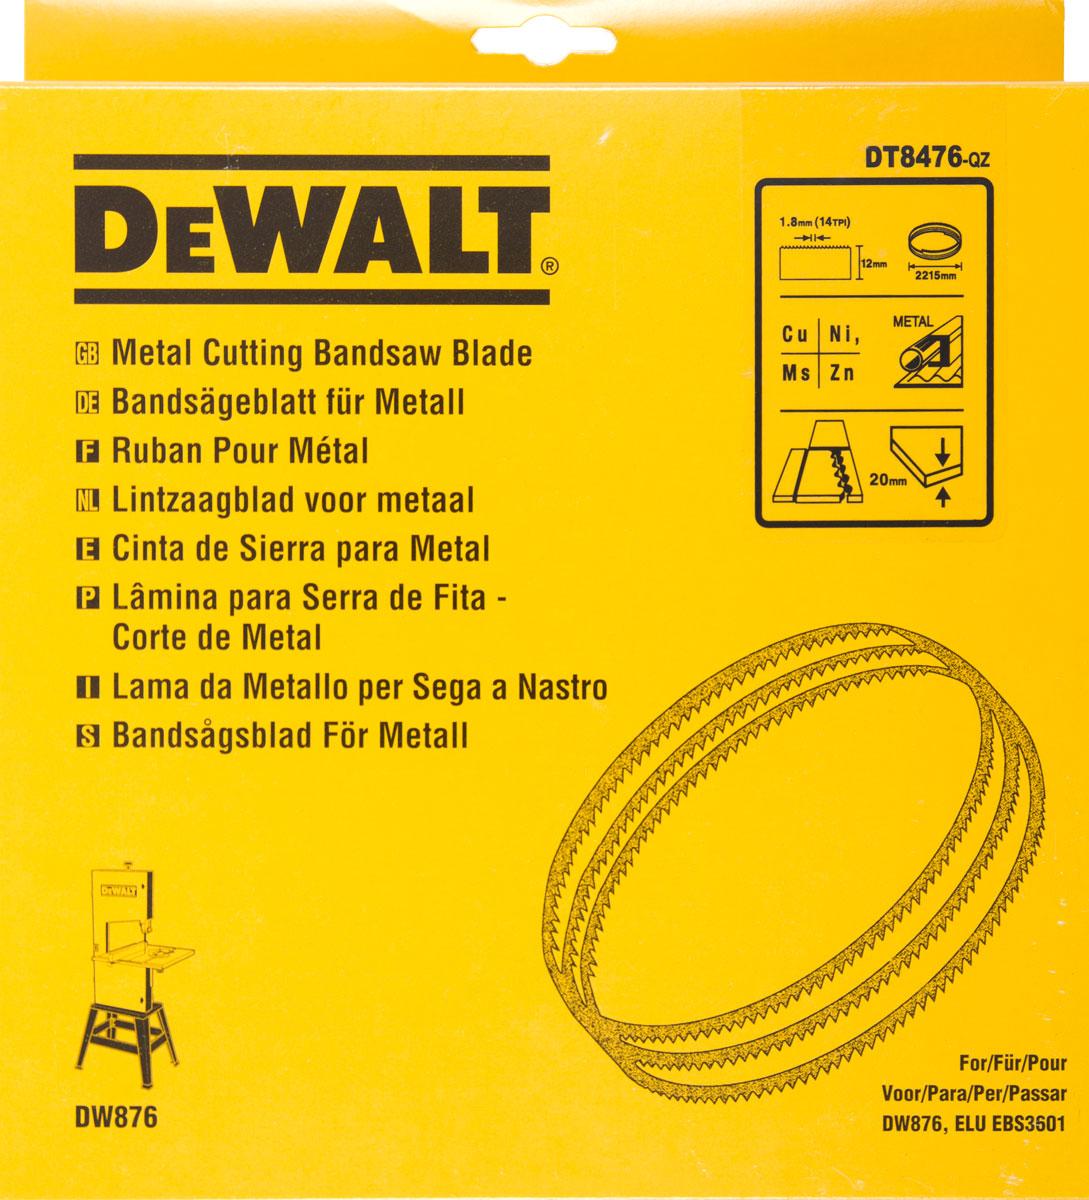 Pilový pás na barevné kovy, pro DW876 12 mm DeWALT - DT8476